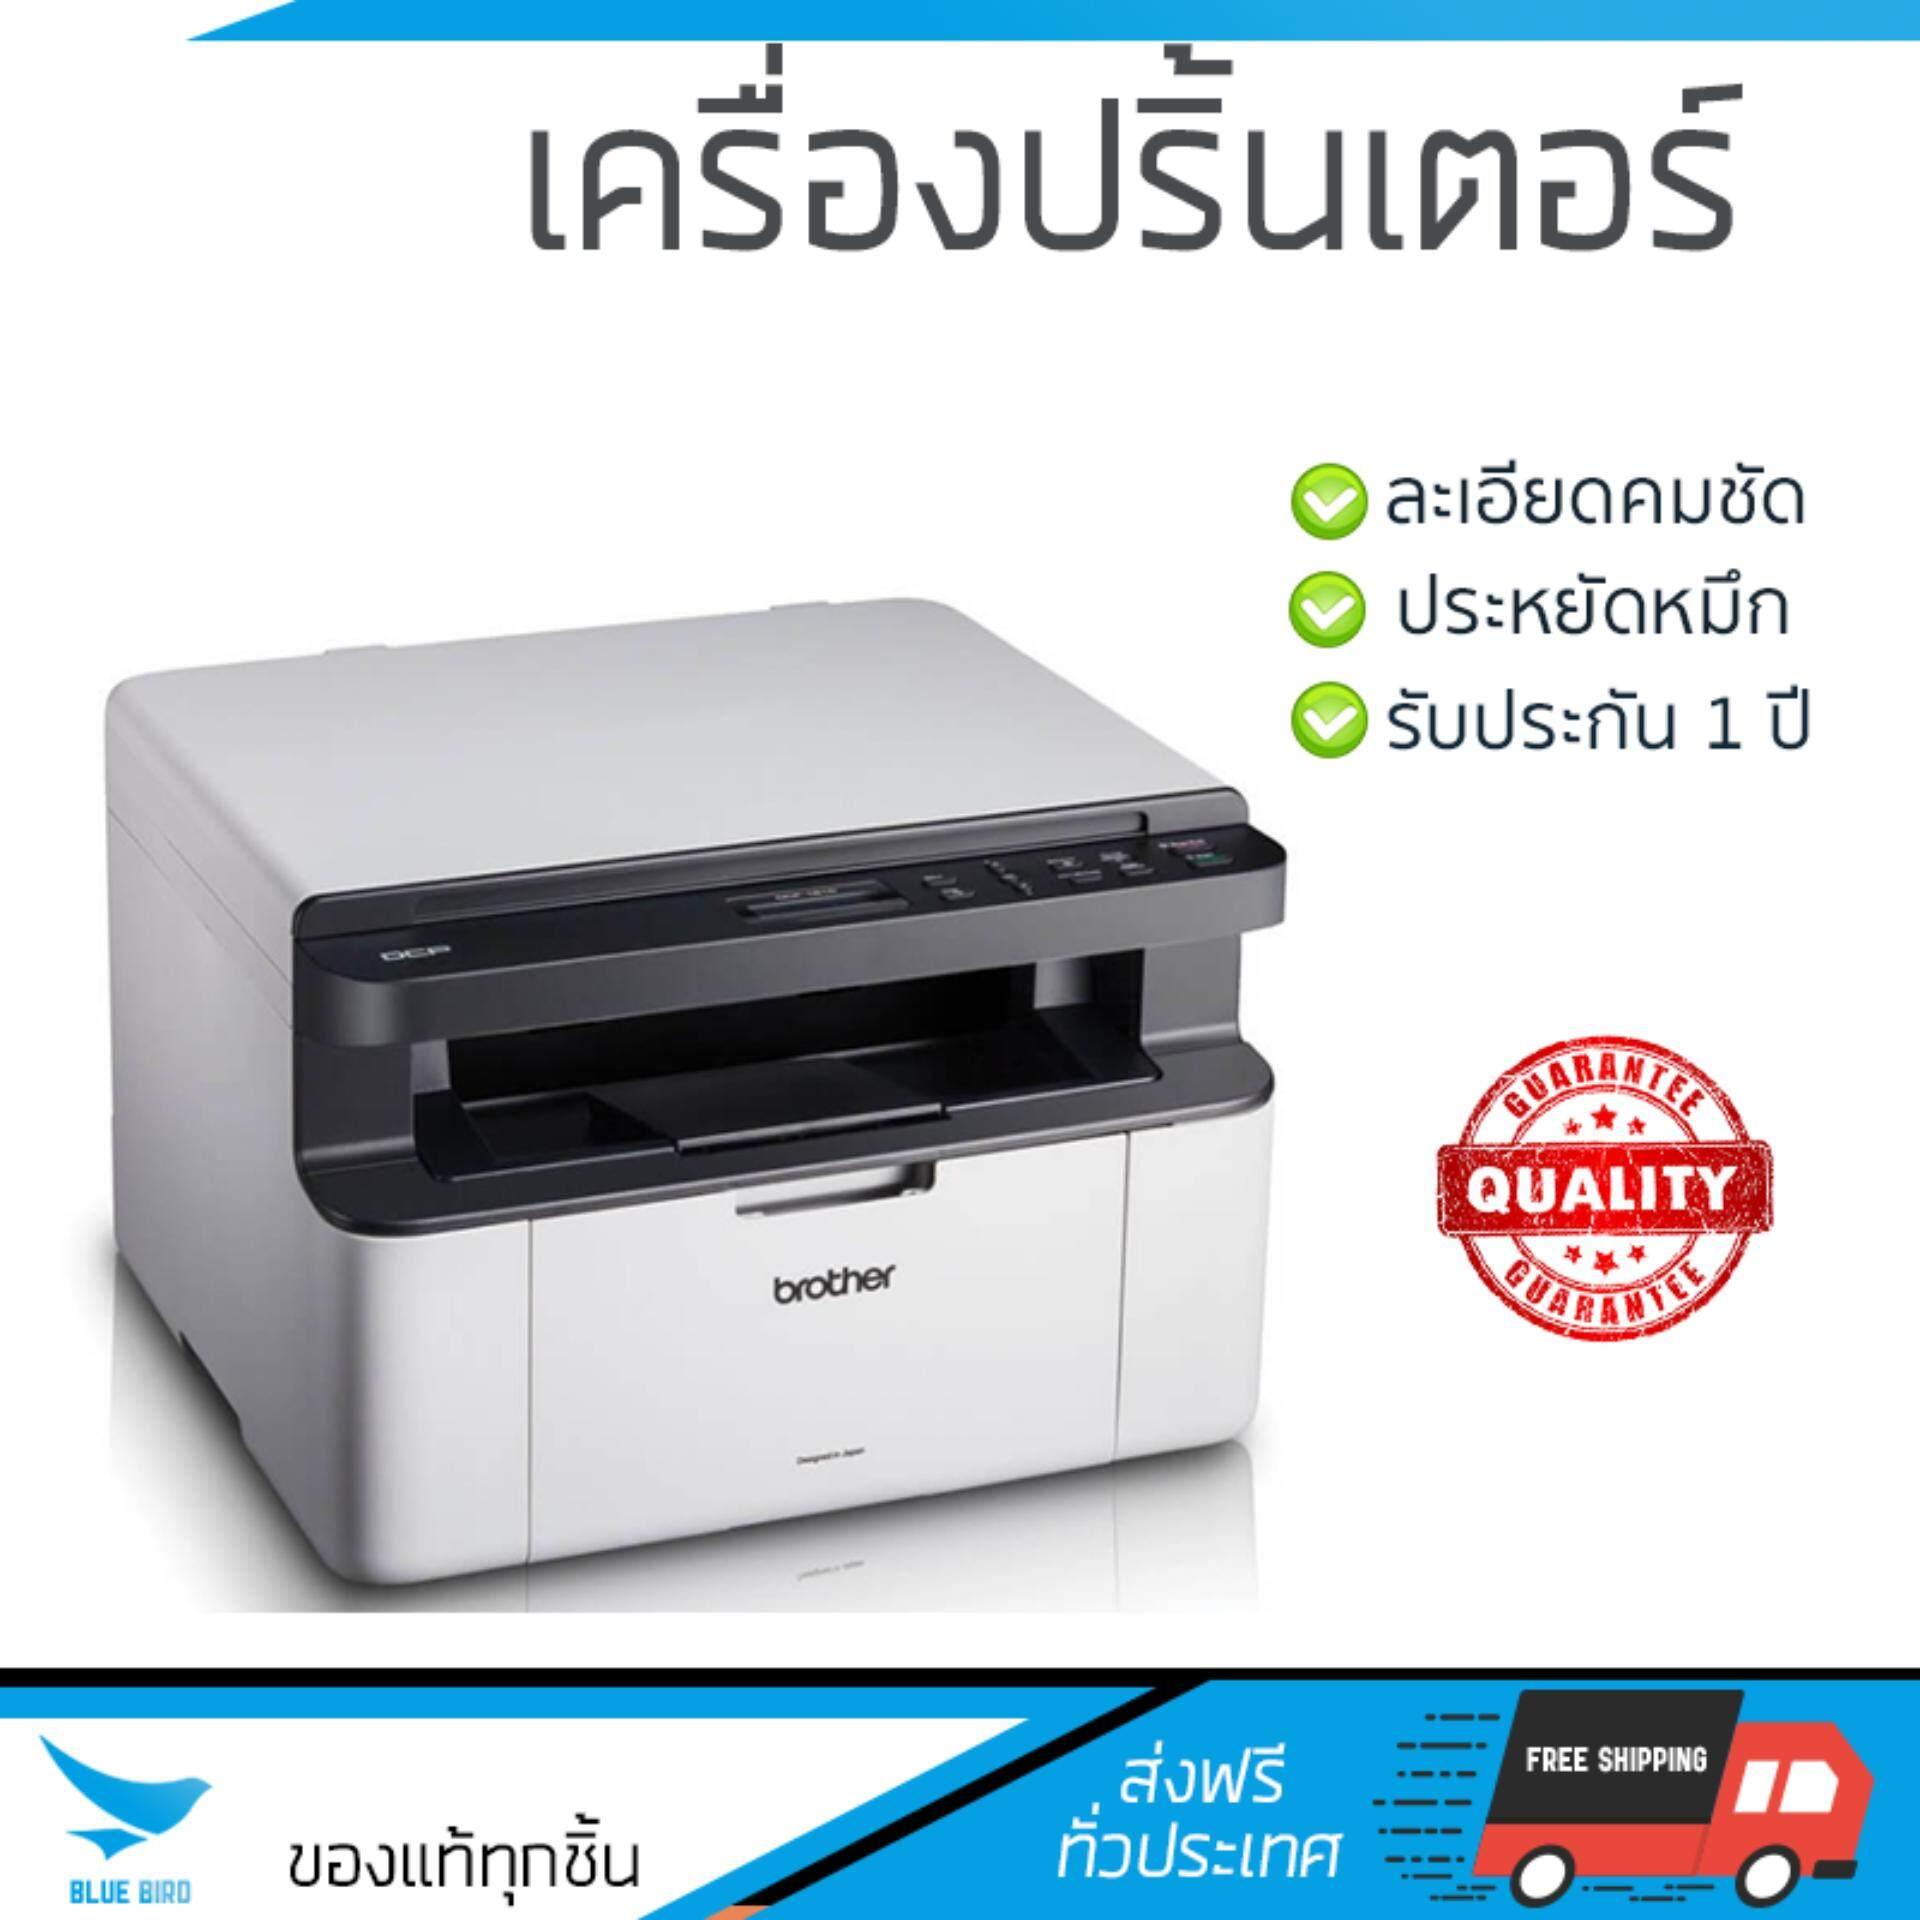 ลดสุดๆ โปรโมชัน เครื่องพิมพ์           BROTHER ปริ้นเตอร์ รุ่น MULTI LS3IN1 DCP-1510             ความละเอียดสูง คมชัด ประหยัดหมึก เครื่องปริ้น เครื่องปริ้นท์ All in one Printer รับประกันสินค้า 1 ปี จั